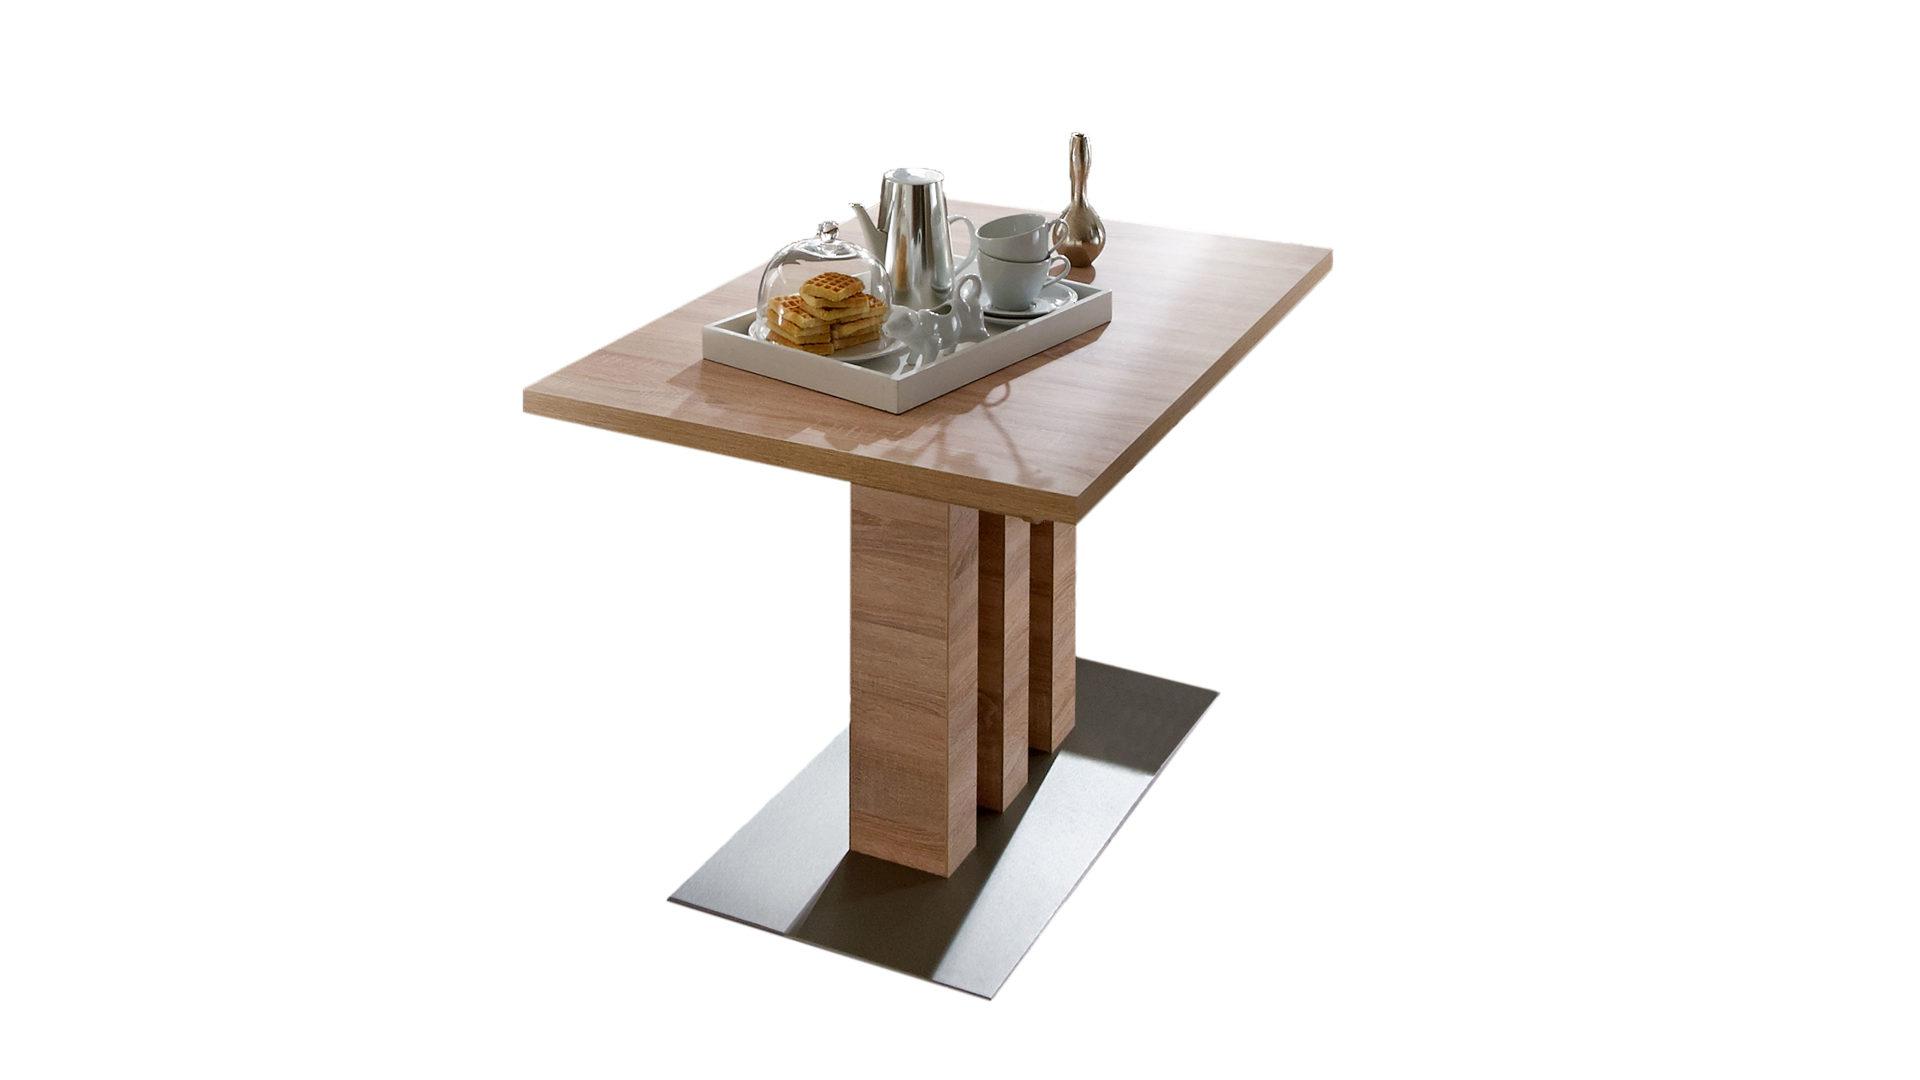 Mobelhaus Thiex Gmbh Raume Esszimmer Tische Combinessa